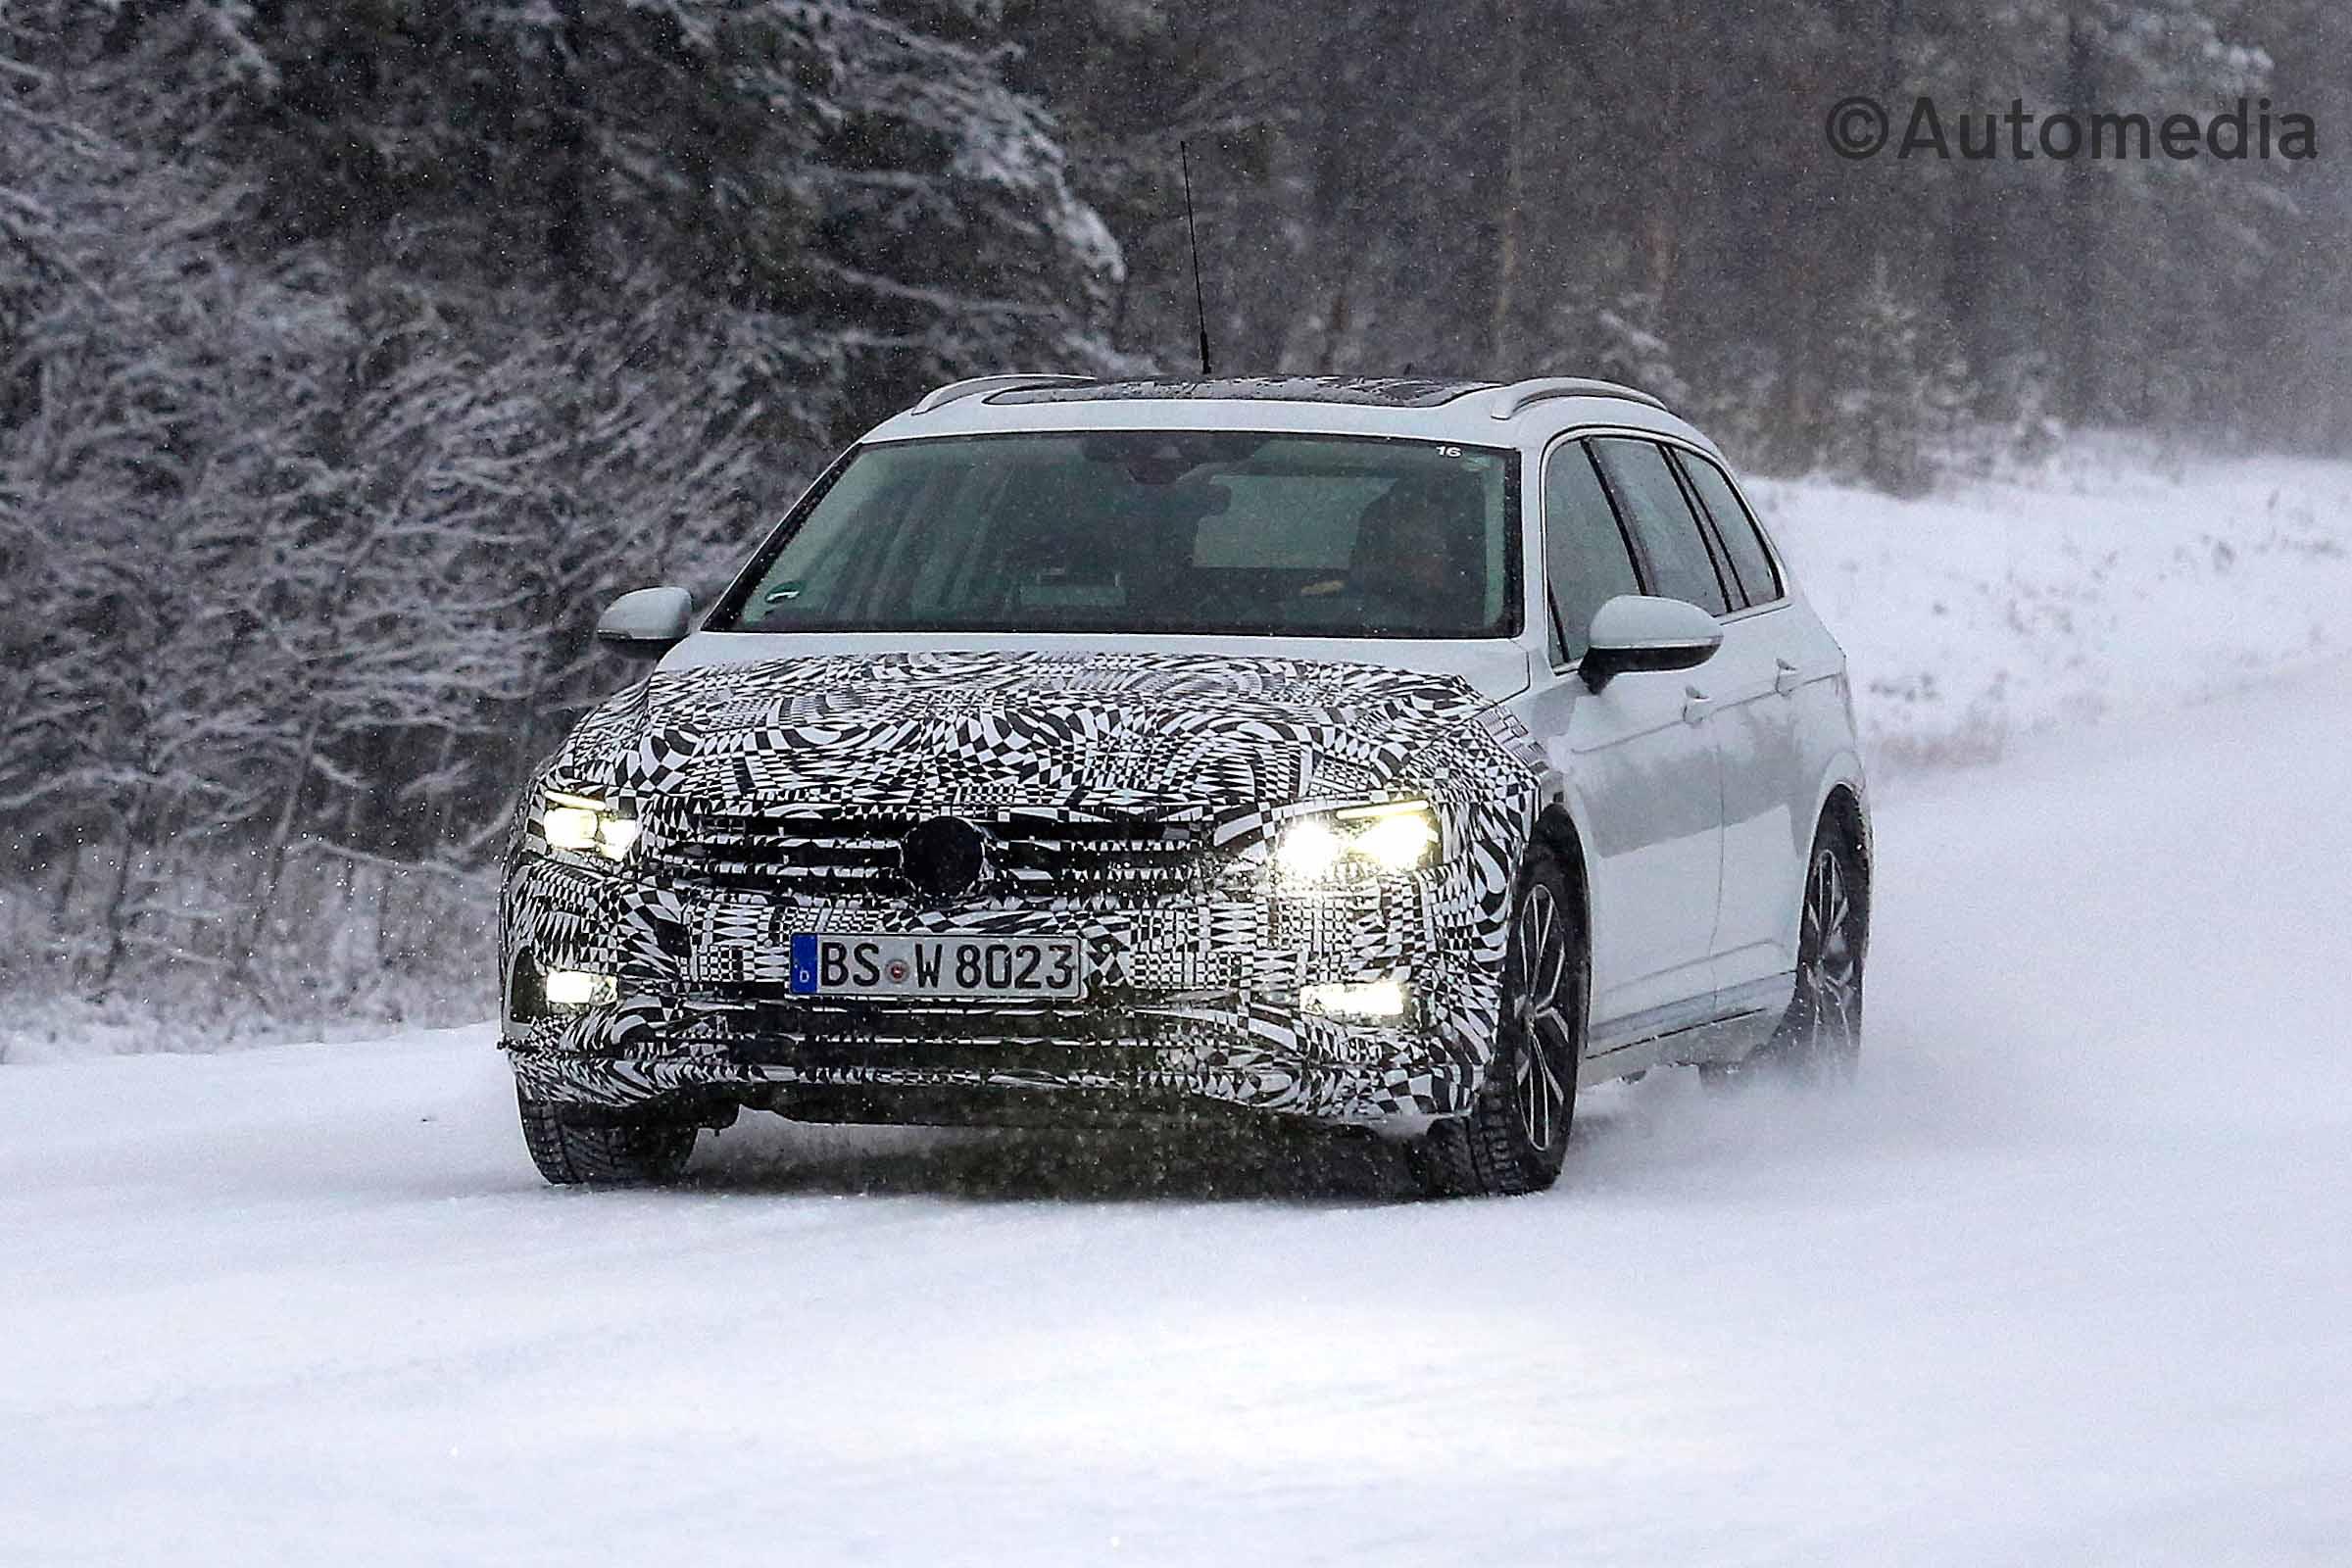 78 Concept of The Volkswagen Passat 2019 Interior Spy Shoot Concept for The Volkswagen Passat 2019 Interior Spy Shoot